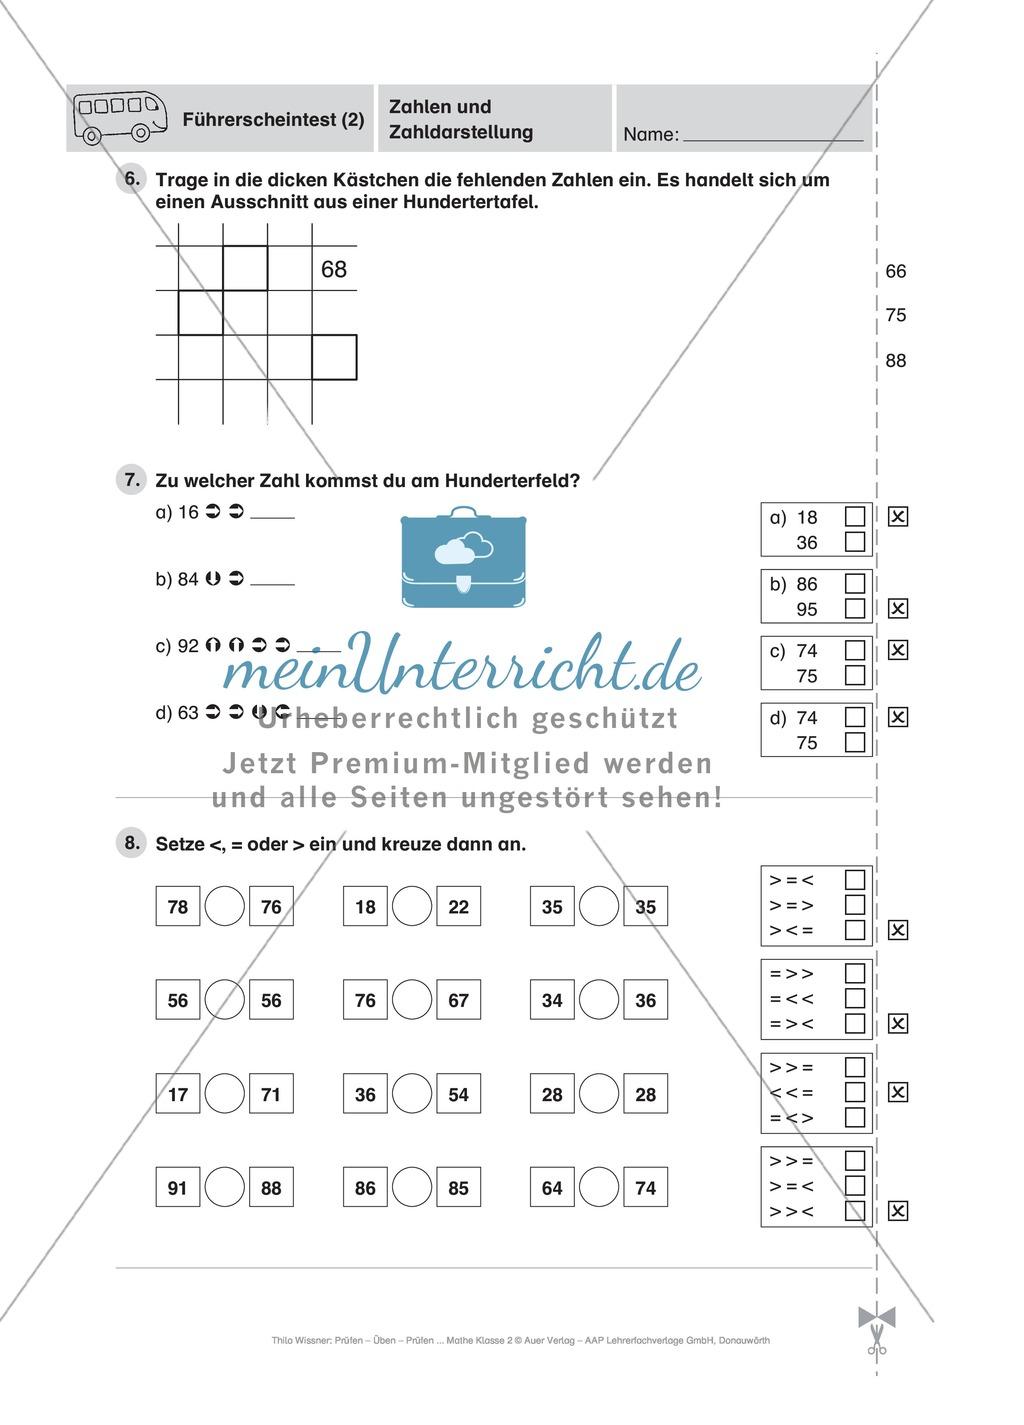 Mathe-Führerschein zur Zahlendarstellung im Hunderterraum ...